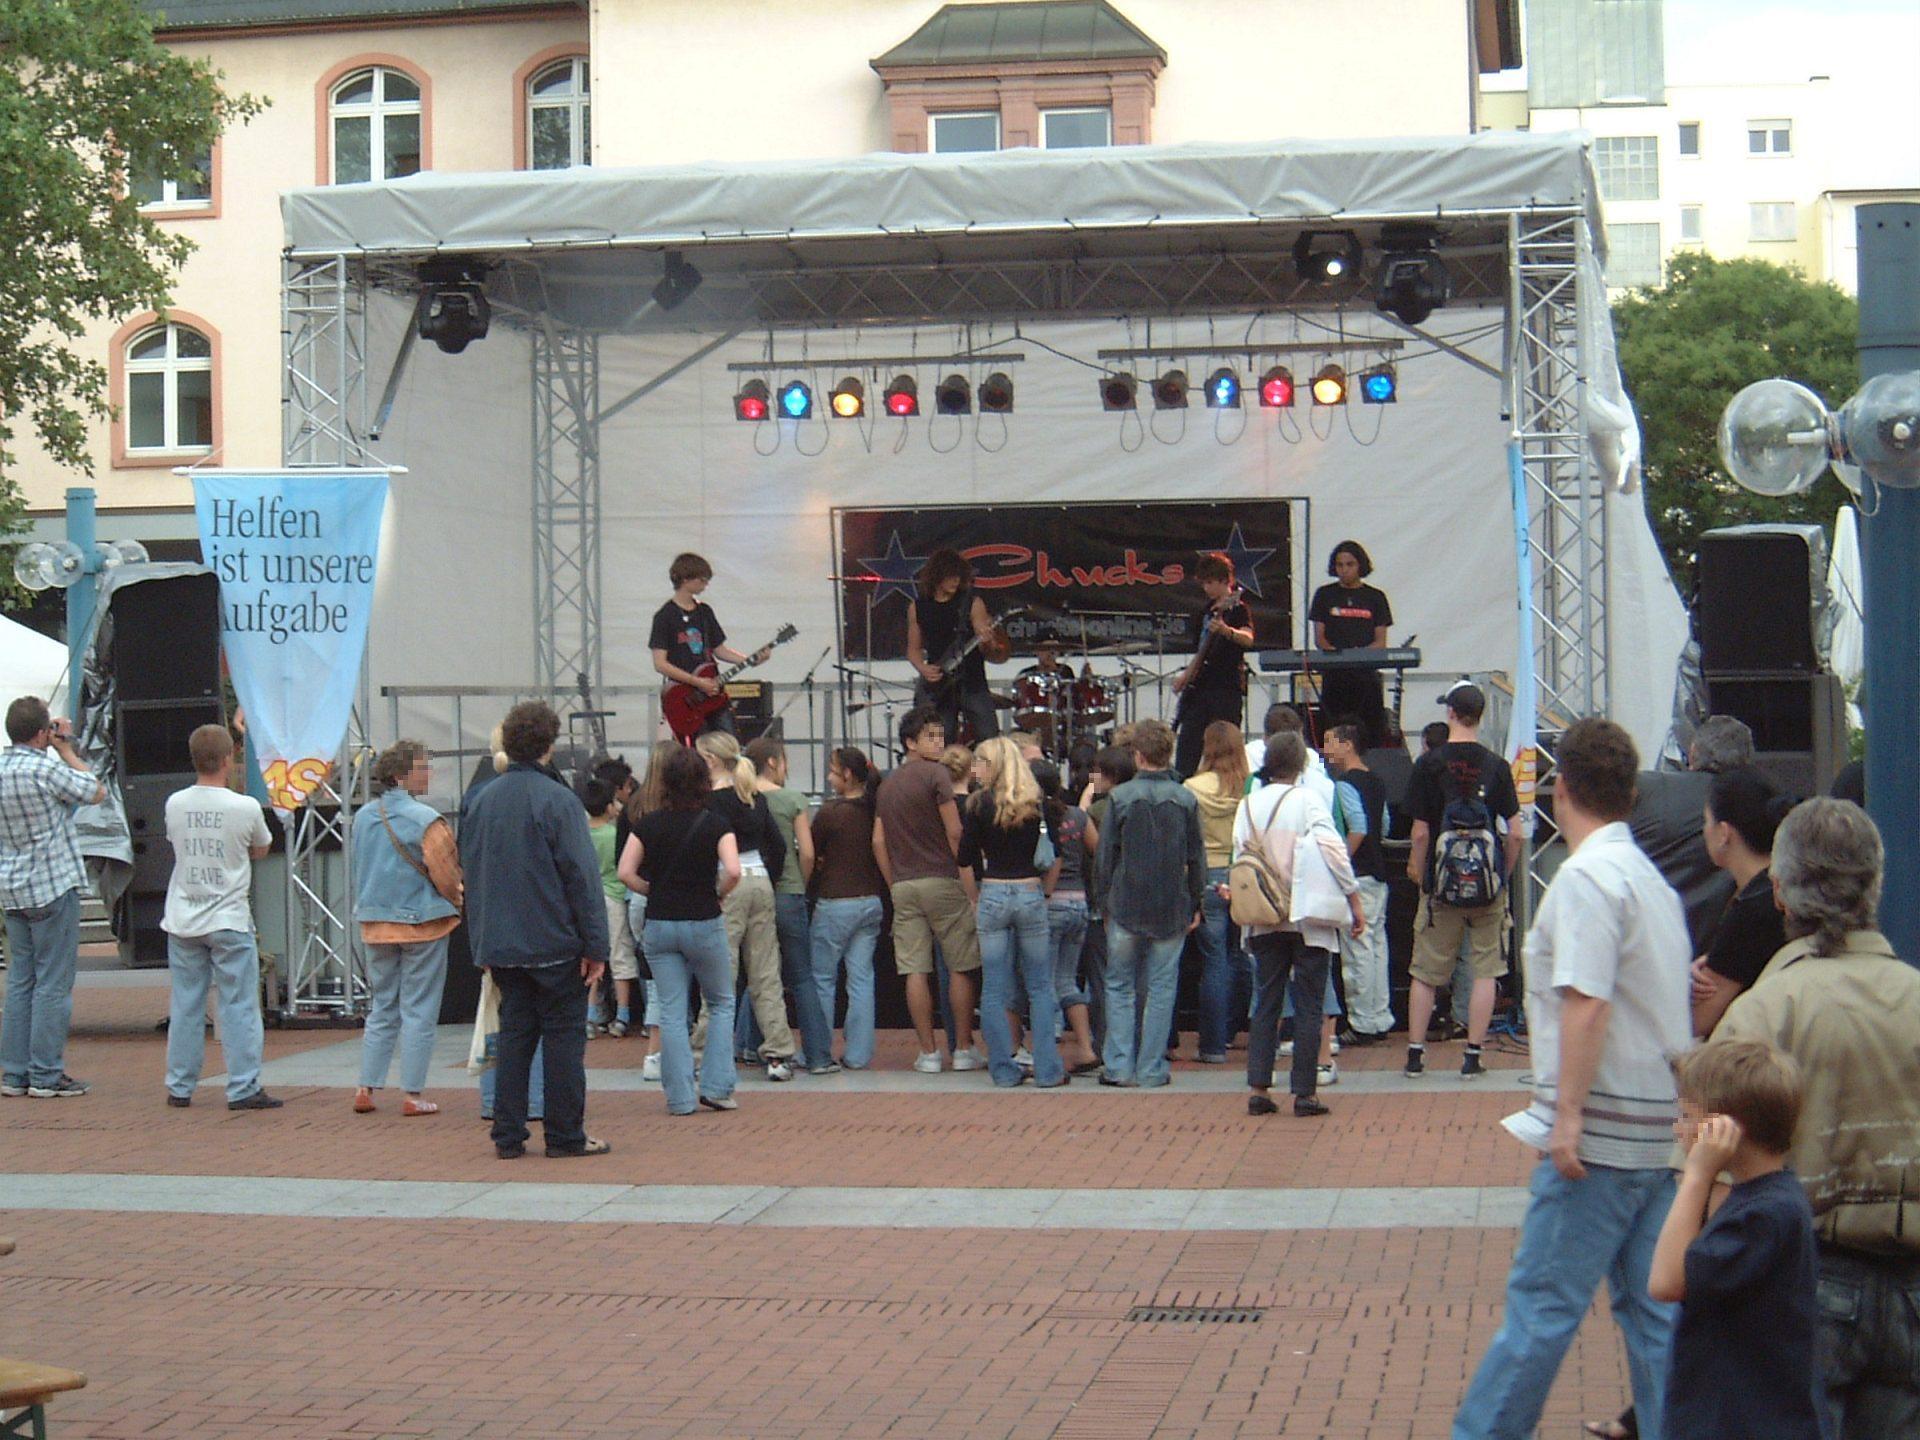 Bühne 7x5 m Stadfest